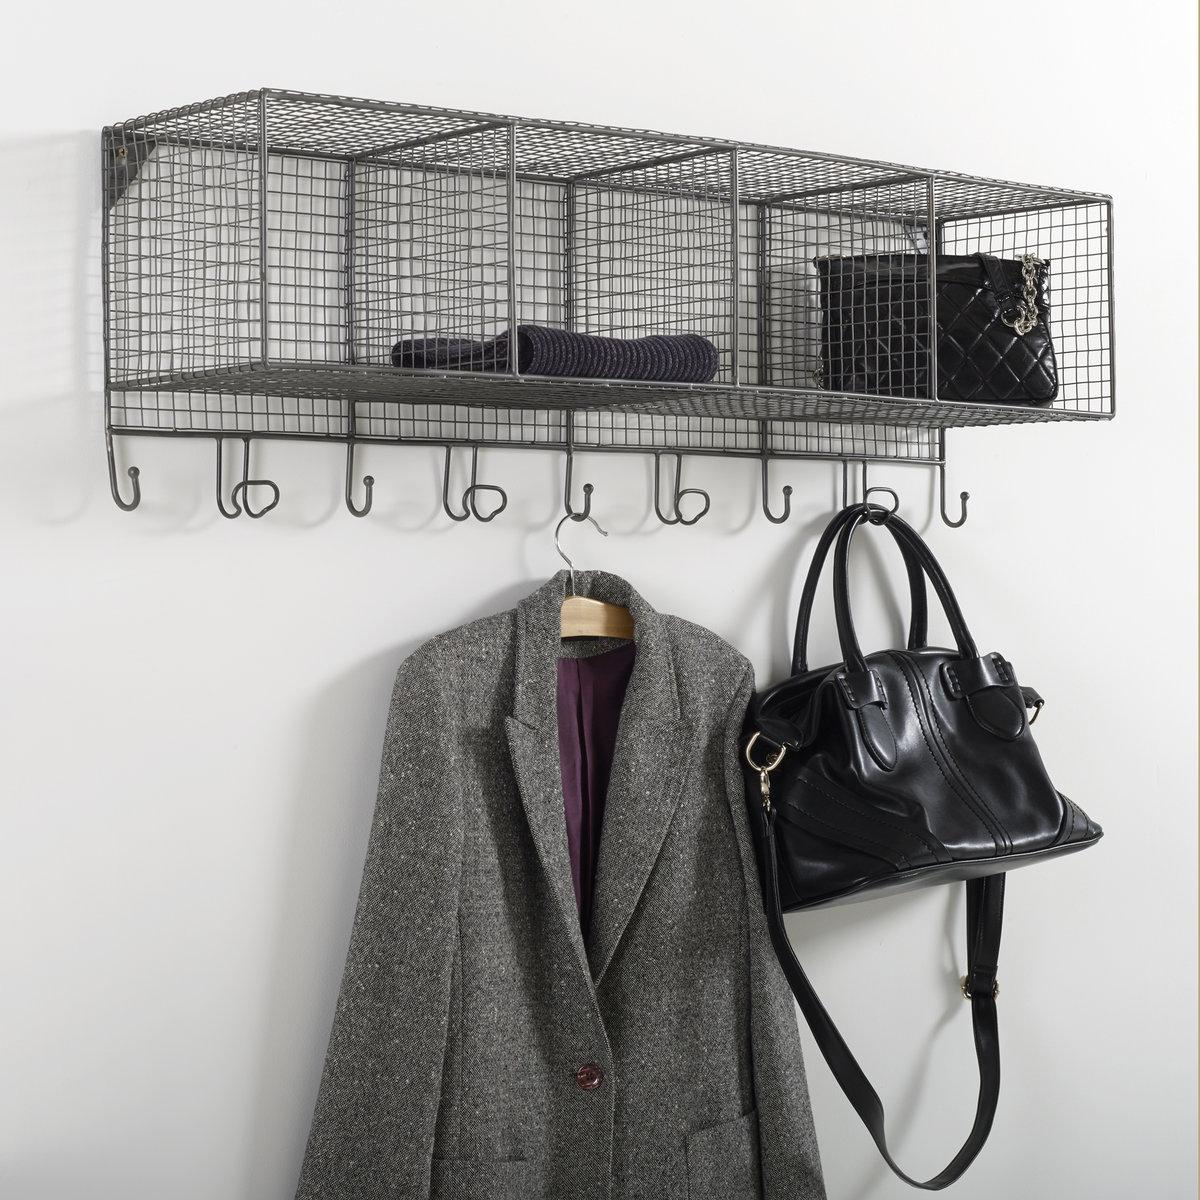 Вешалка-этажерка из металлической проволоки Aréglo